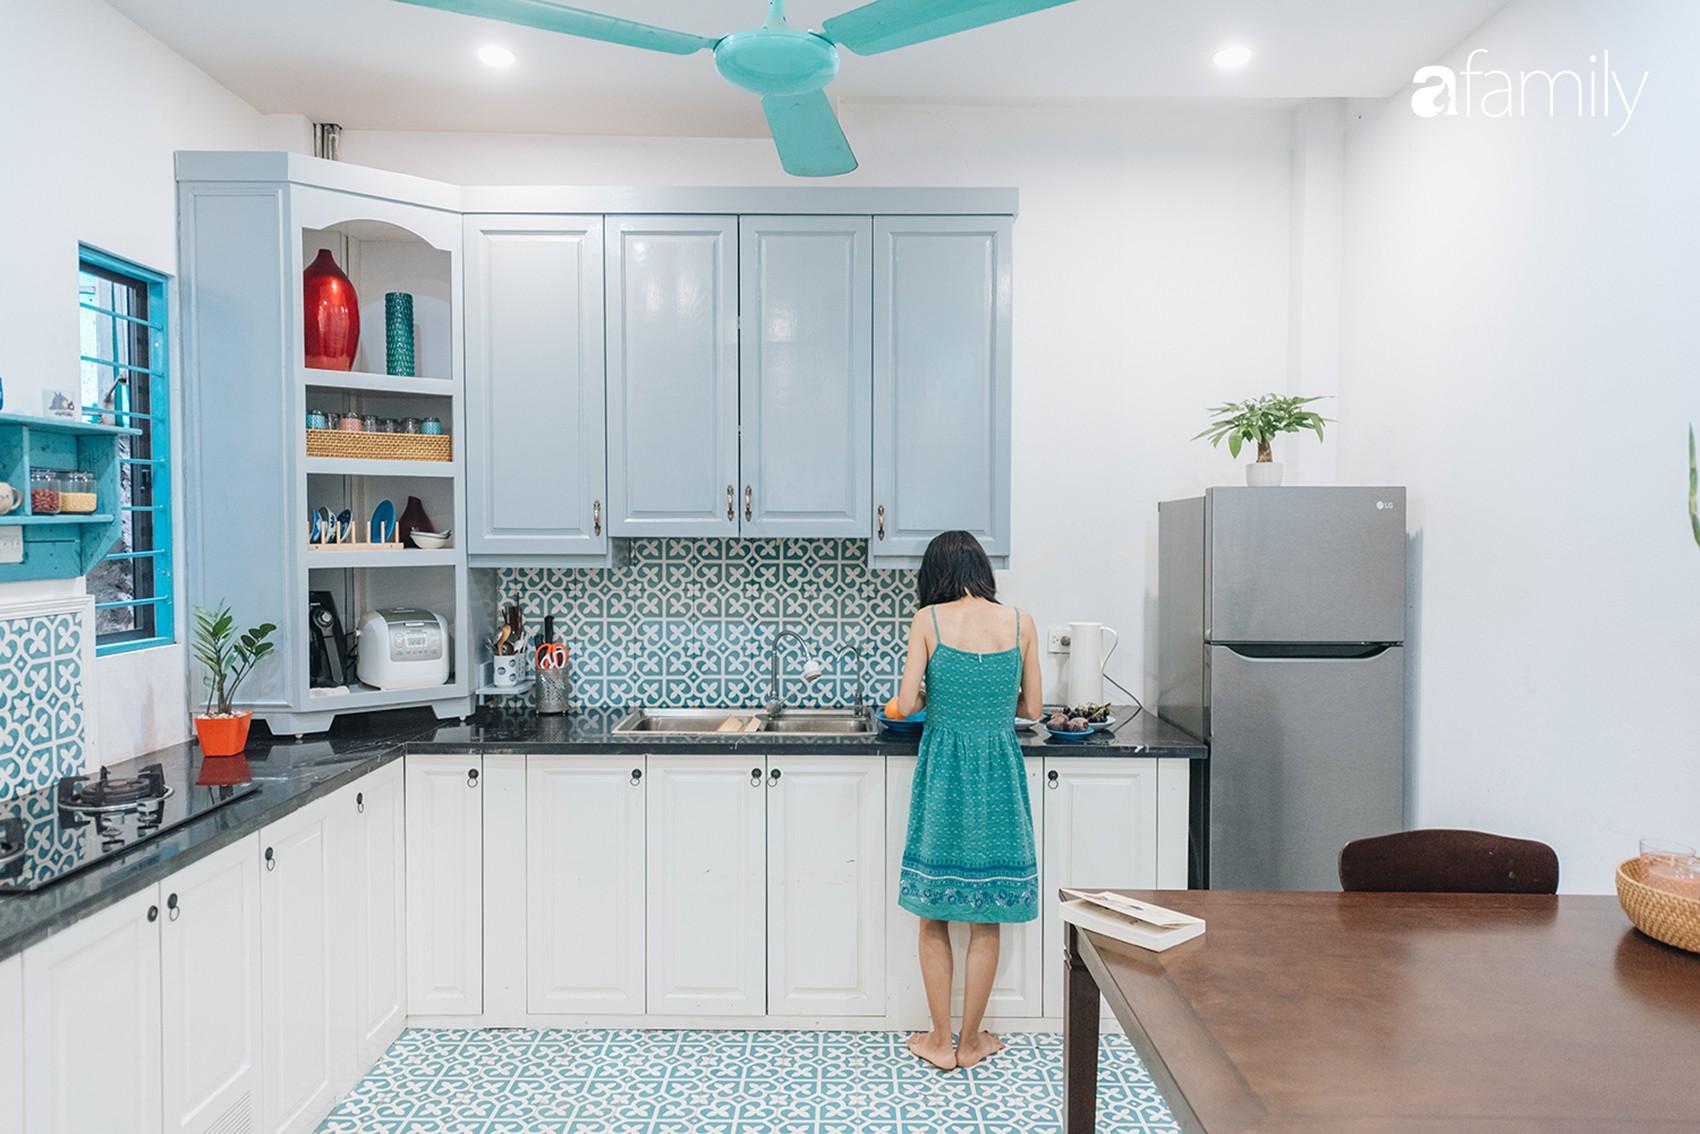 Ngôi nhà 48m² phong cách Địa Trung Hải tự tay làm… gần hết với tổng chi phí nội thất chỉ 70 triệu đồng của cặp vợ chồng 8x ở Hà Nội - Ảnh 8.